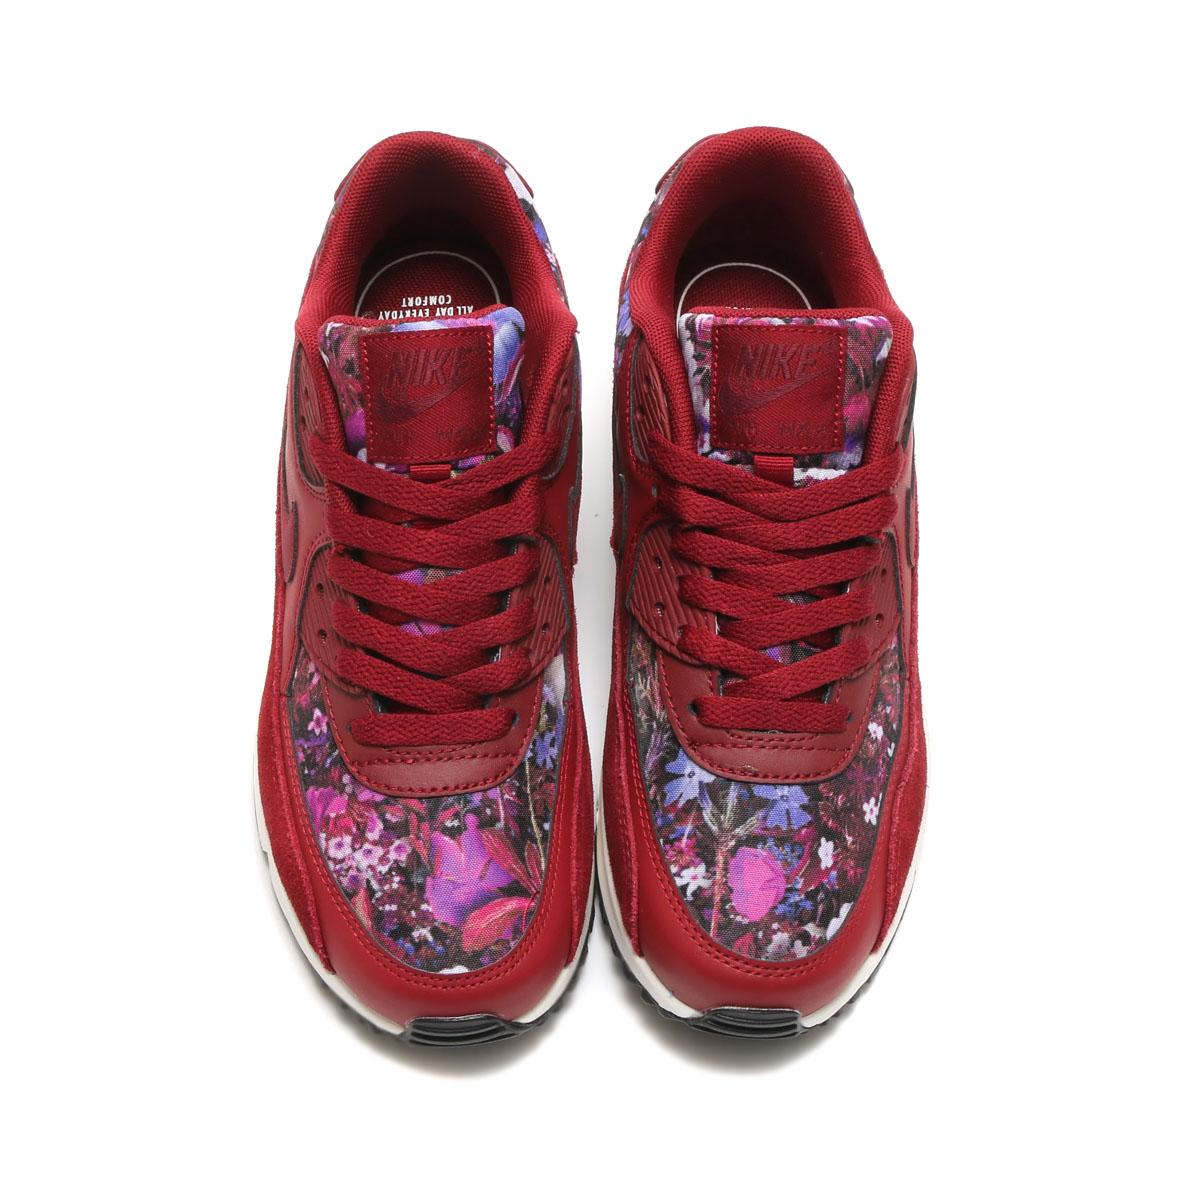 Nike Wmns Air Max 90 SE Womens Team Red